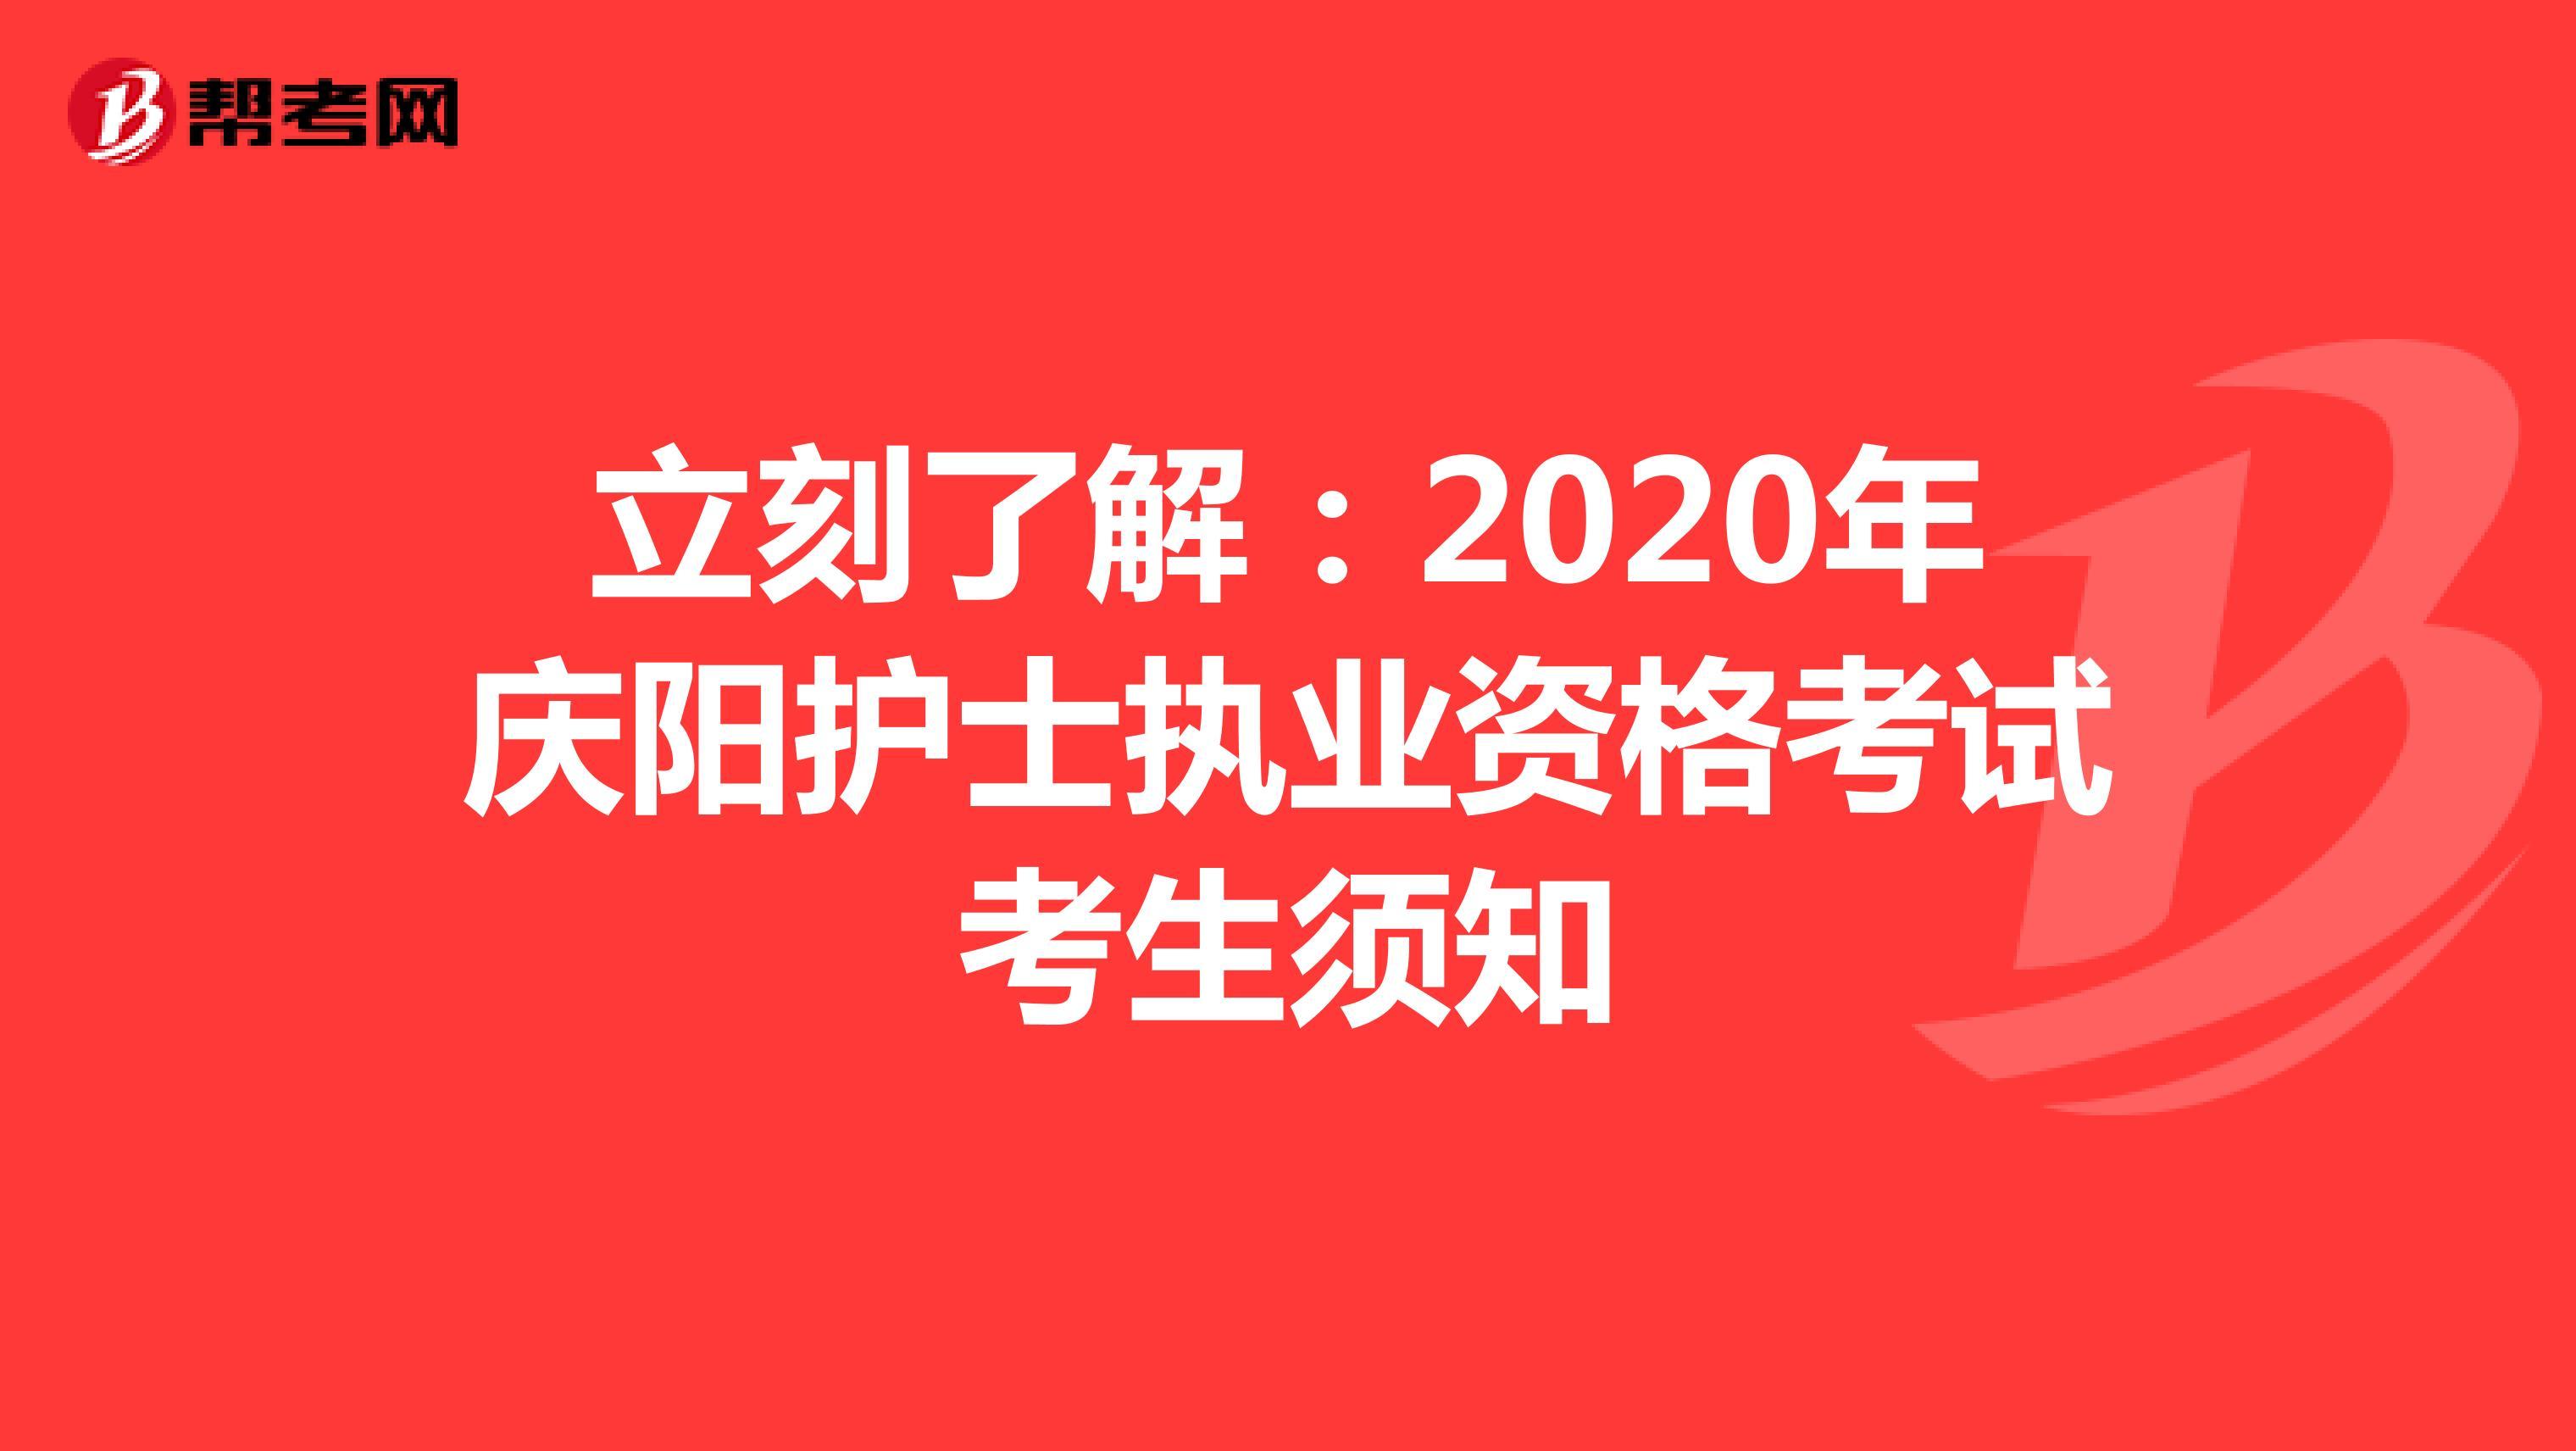 立刻了解:2020年庆阳护士执业资格考试考生须知